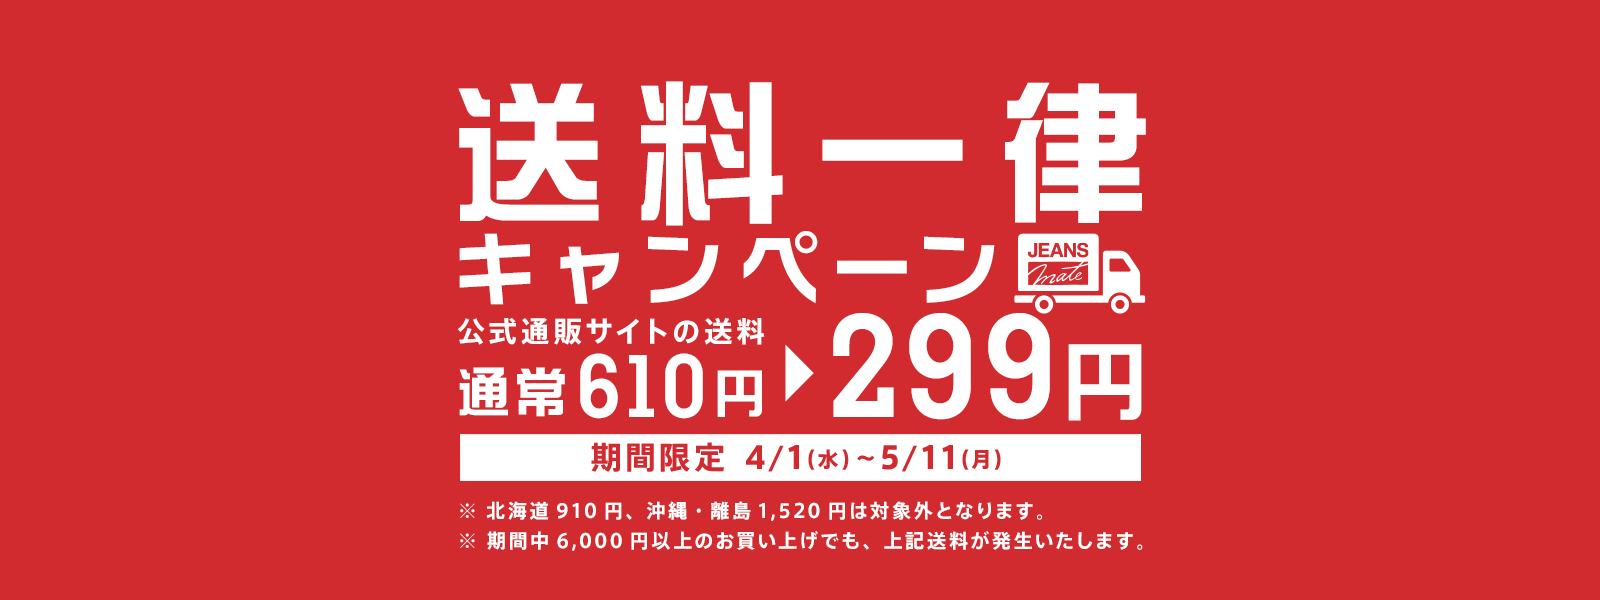 4月1日(水) 〜 5月11日(月) まで送料一律キャンペーン開催中!